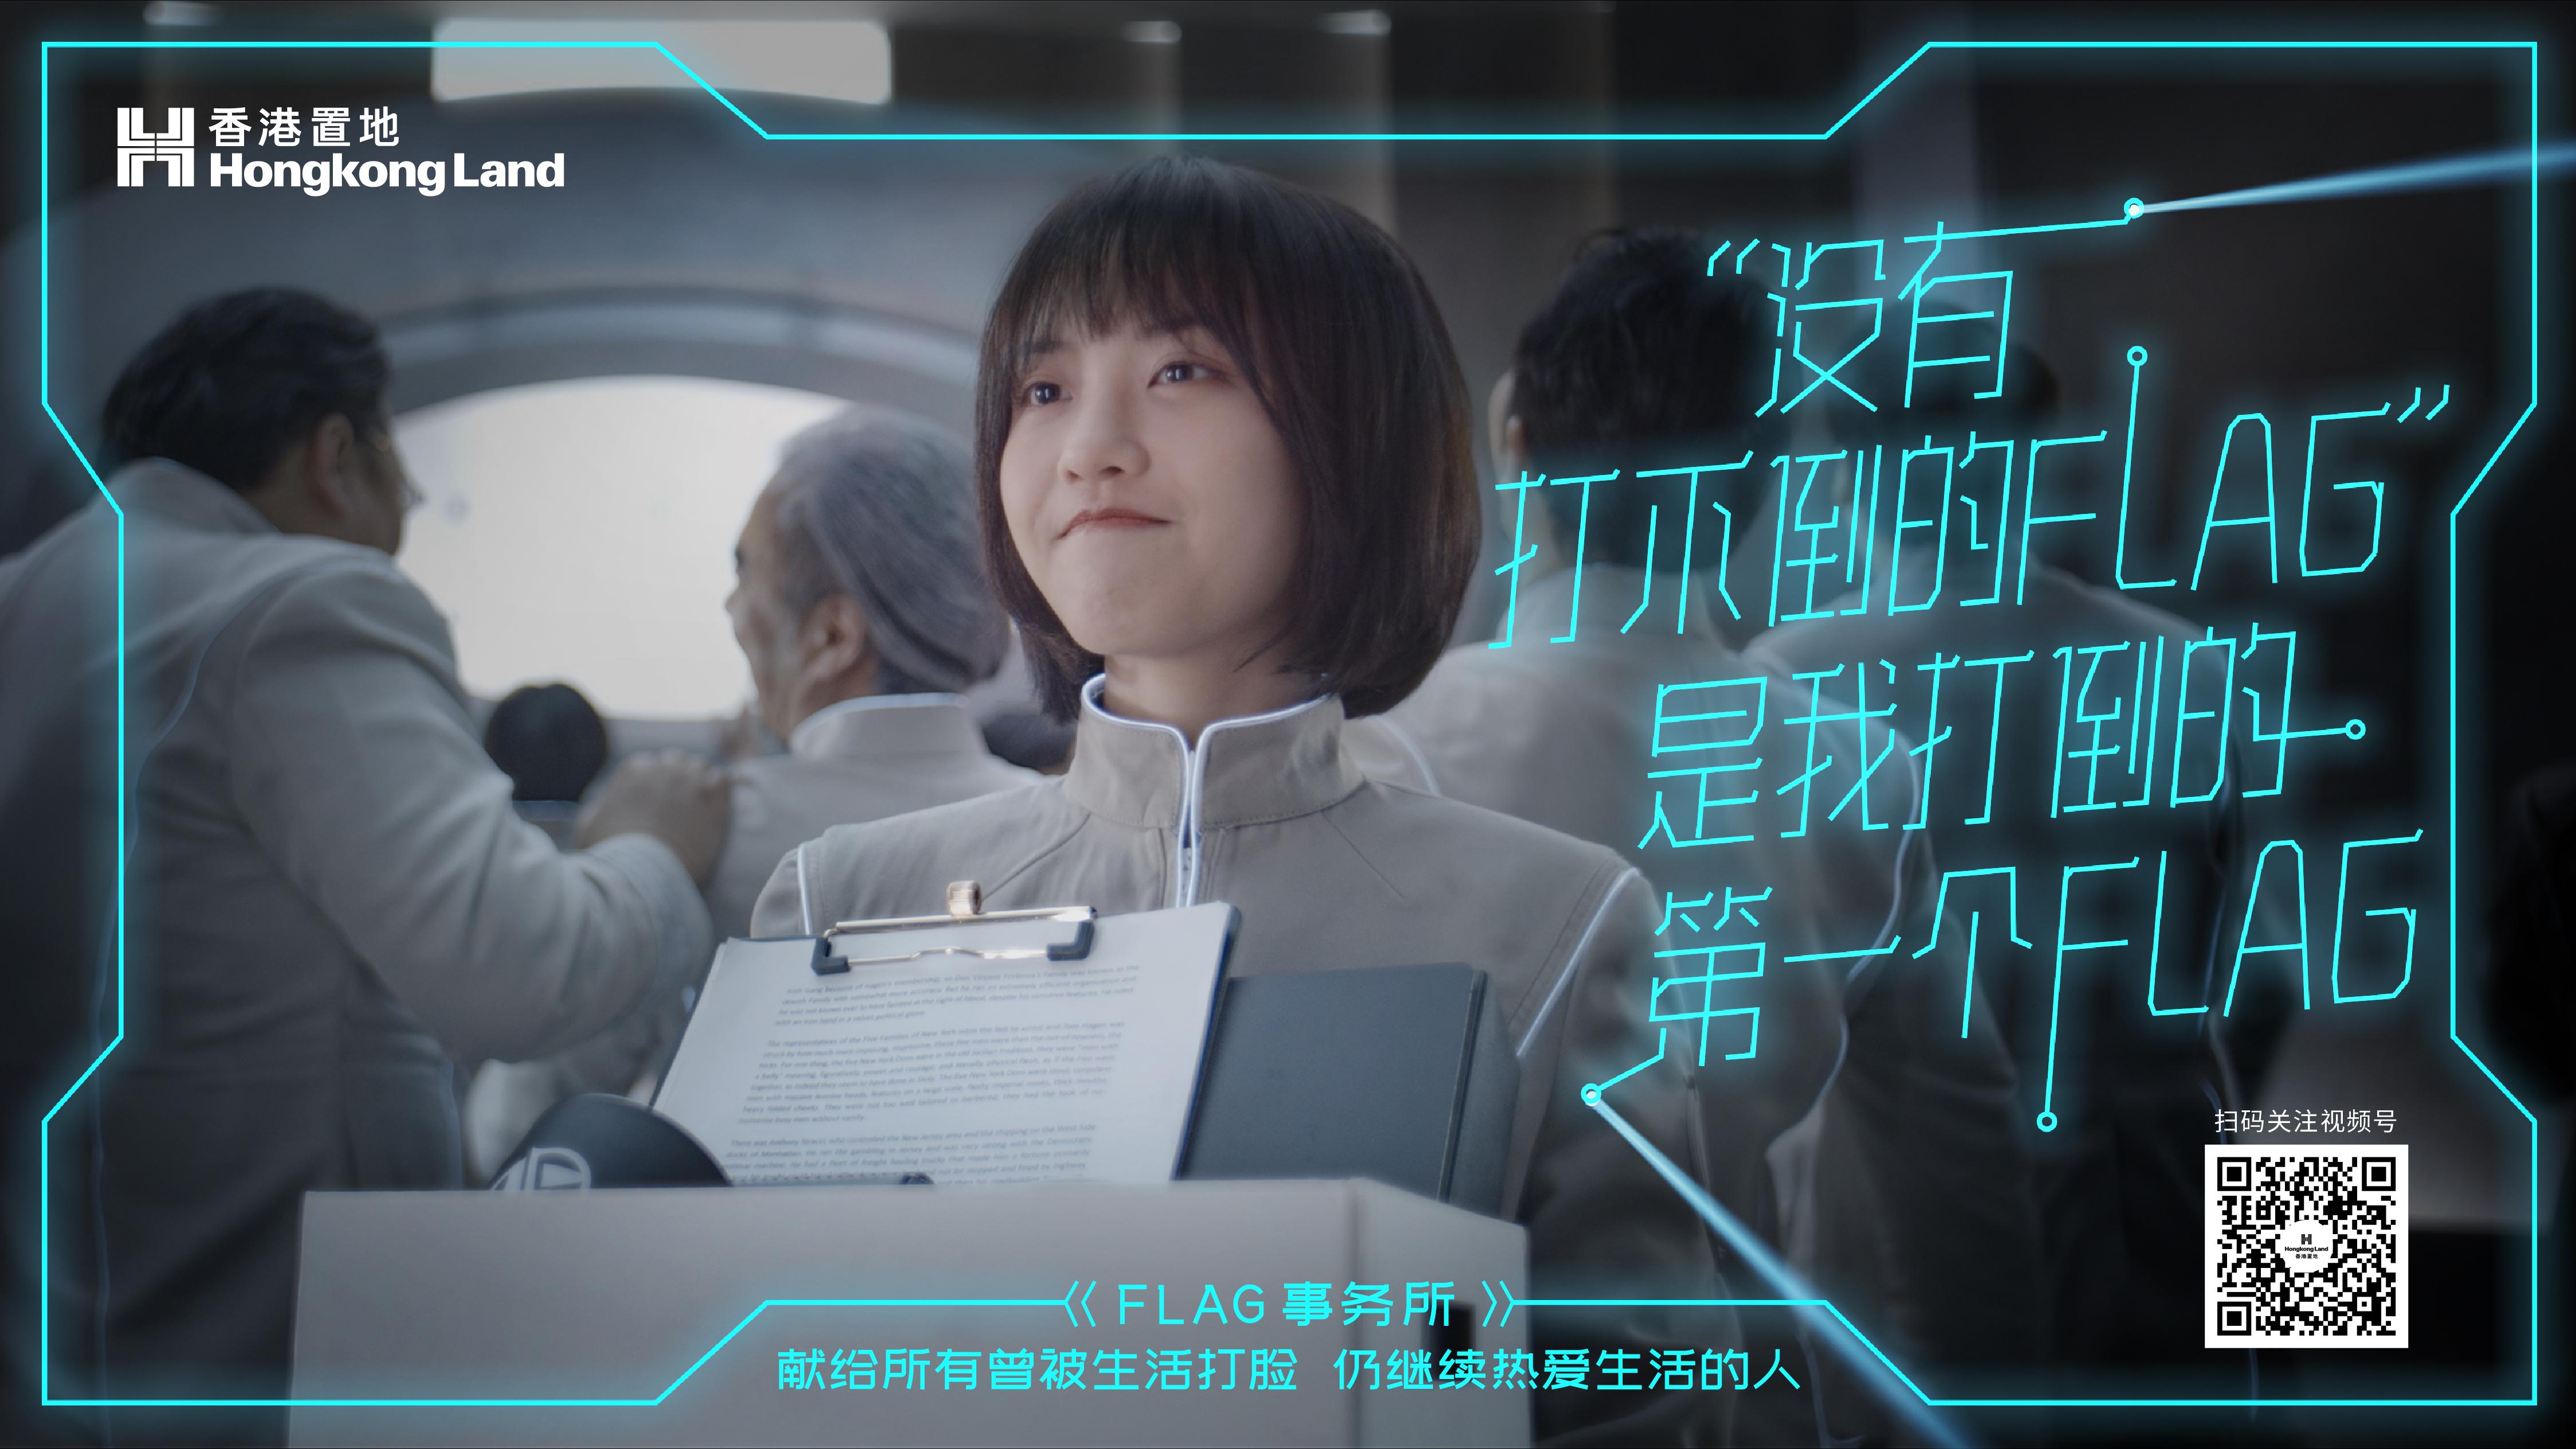 香港置地年终品牌故事 | 《FLAG事务所》